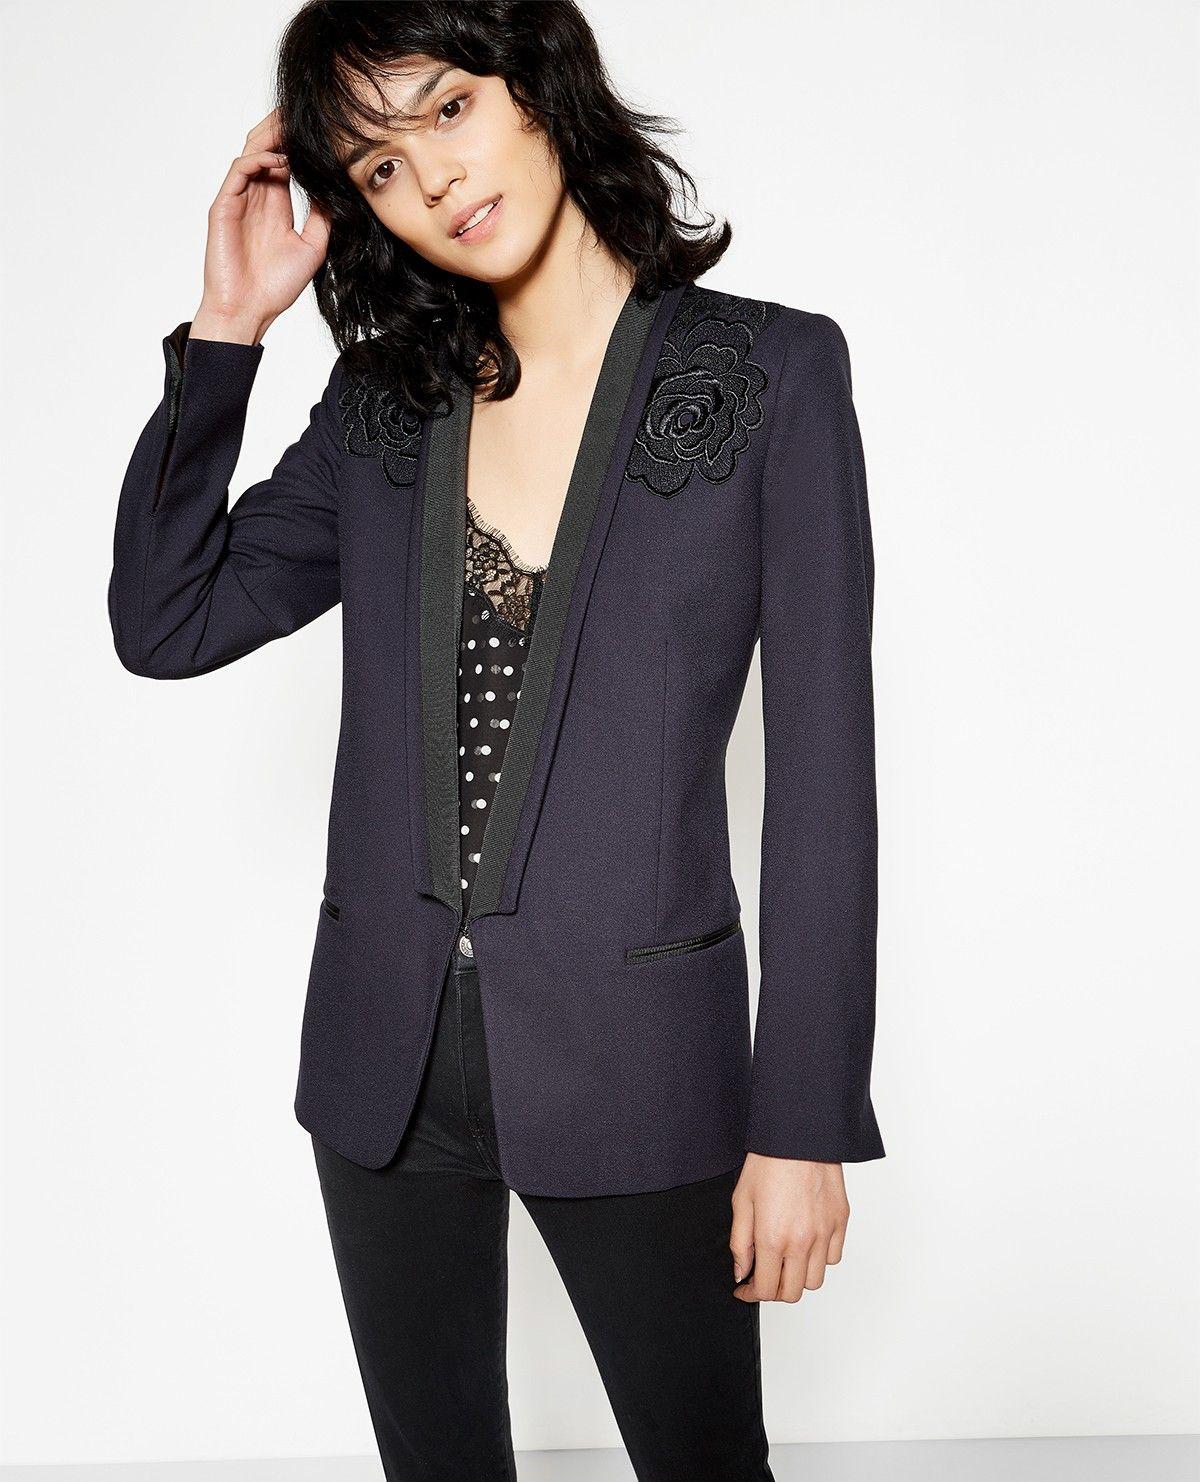 Veste cintree tweed femme